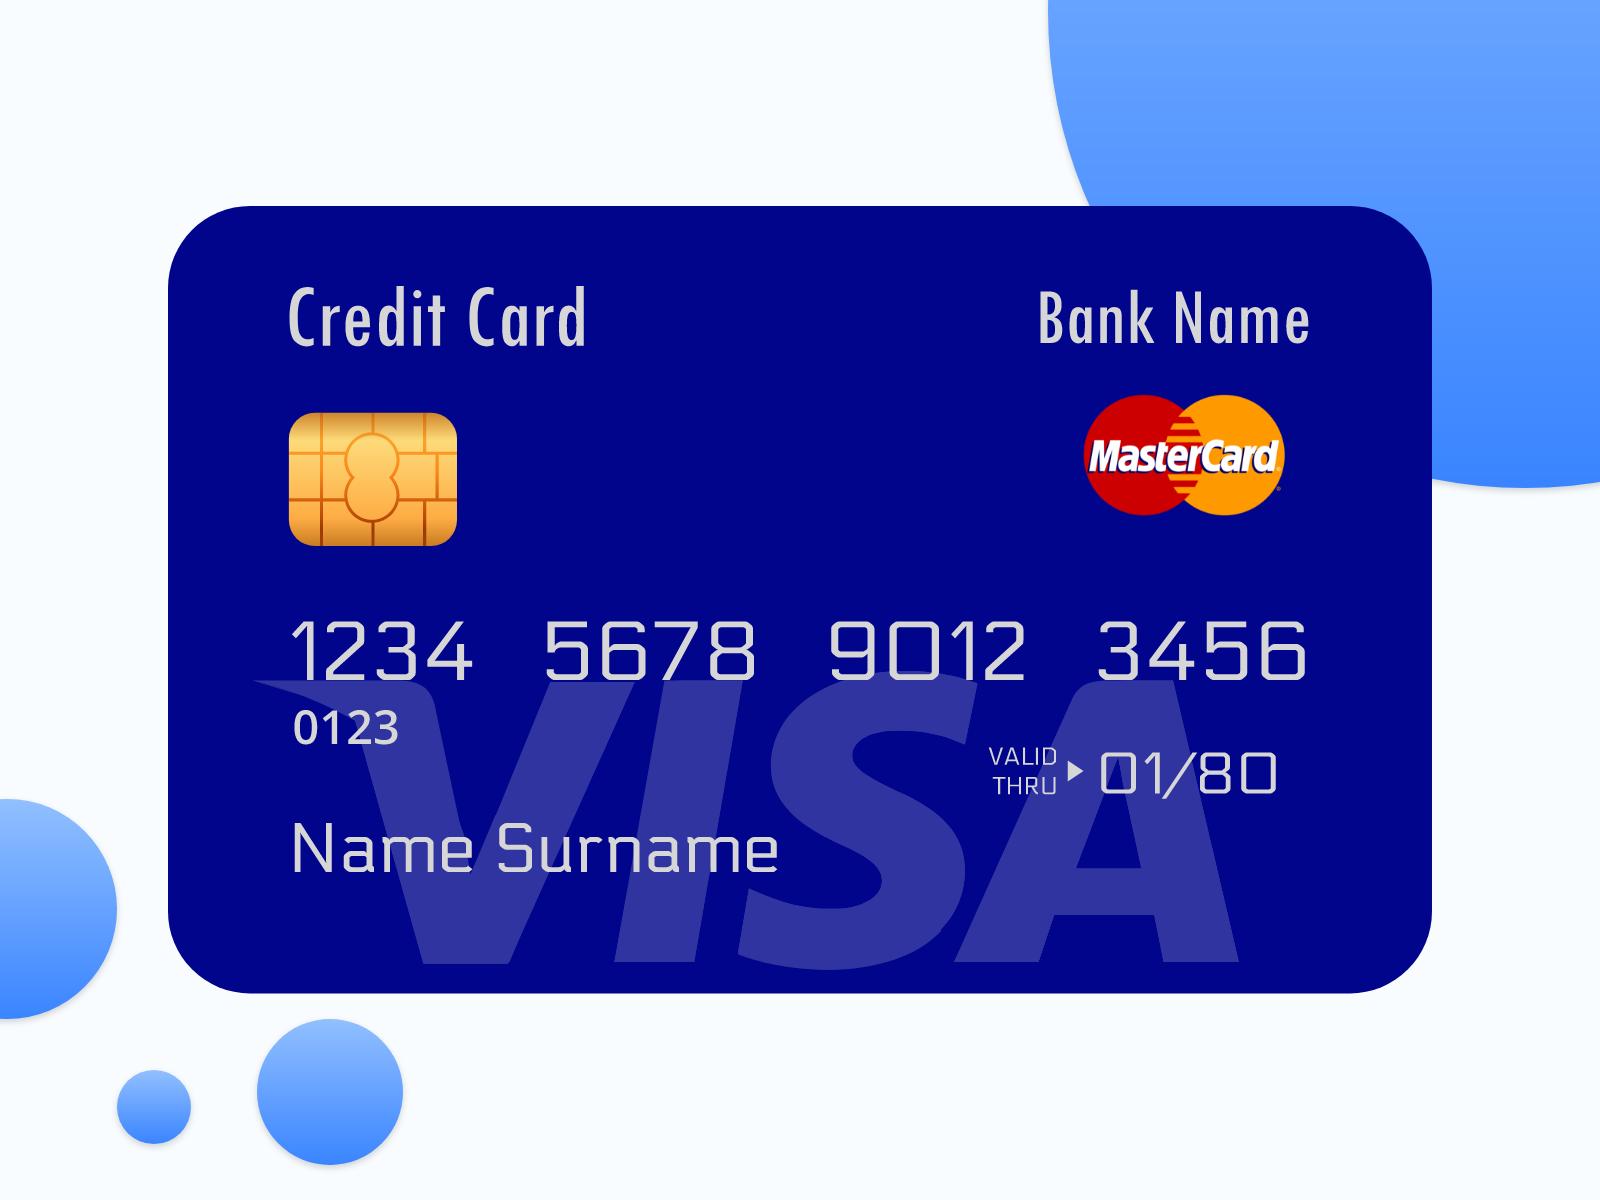 Visa card - Master card - Debit card - PayPal card - credit - UpLabs